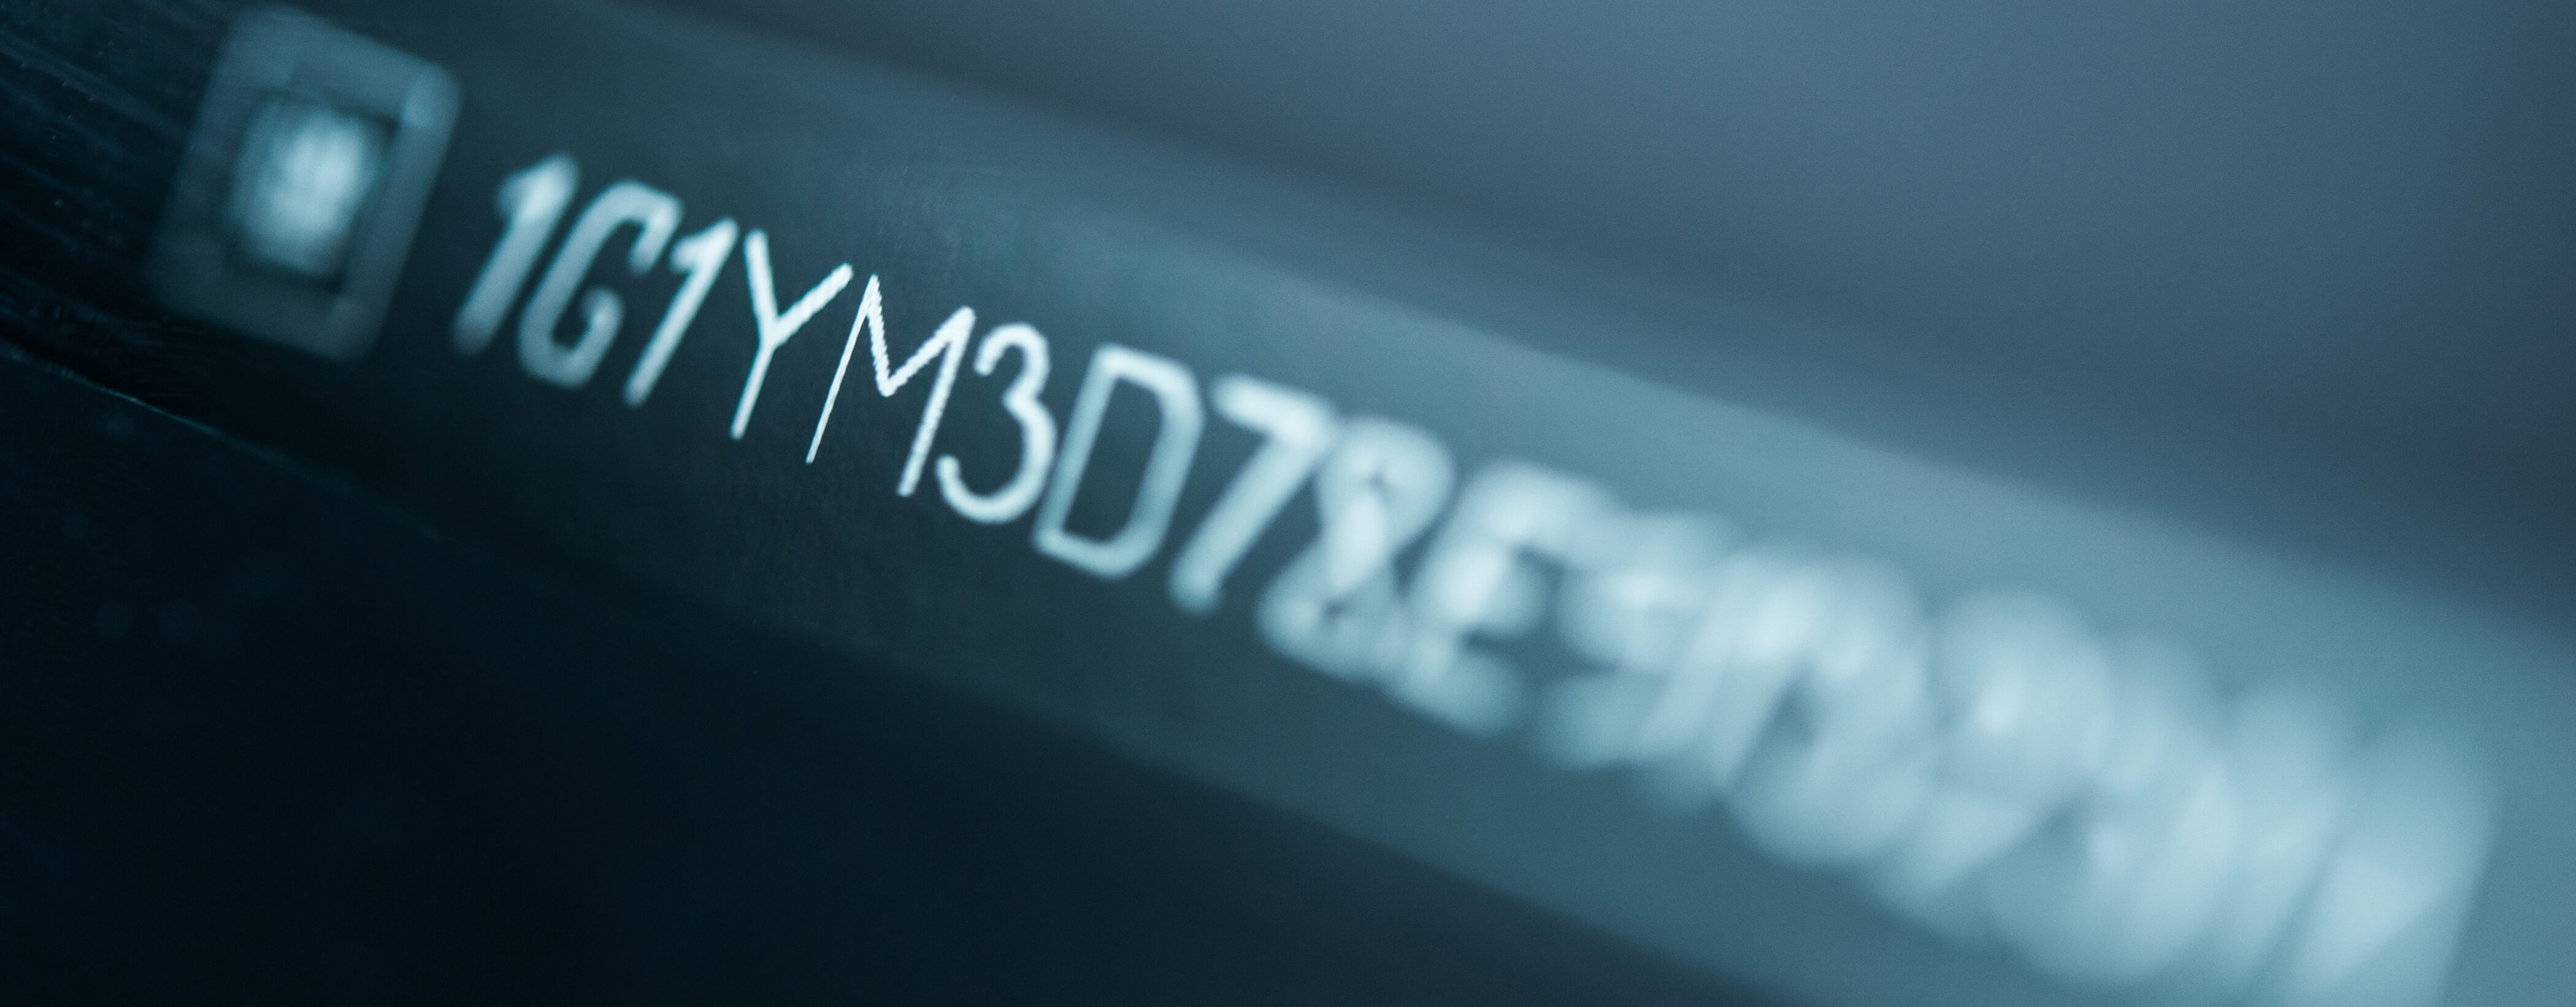 Fahrzeugidentifizierungsnummer